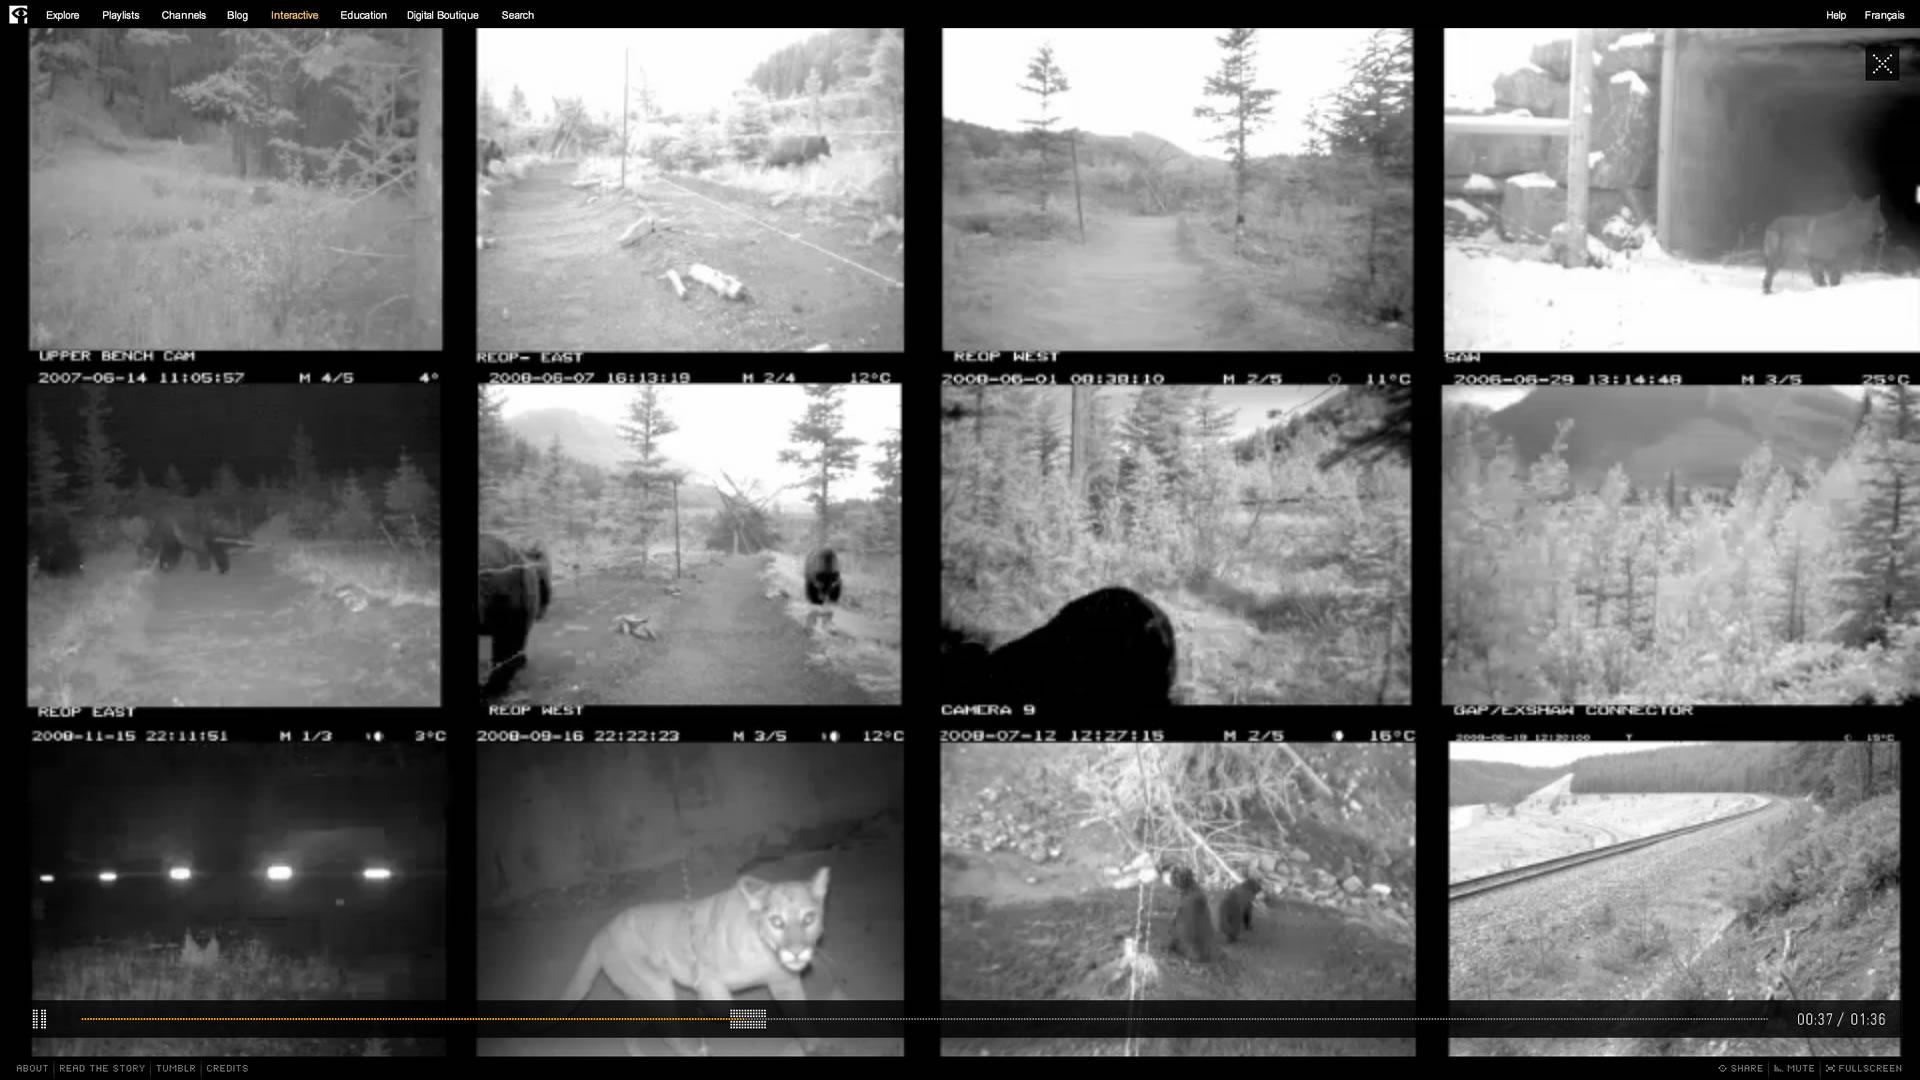 Bear 71 - Surveillance Wall